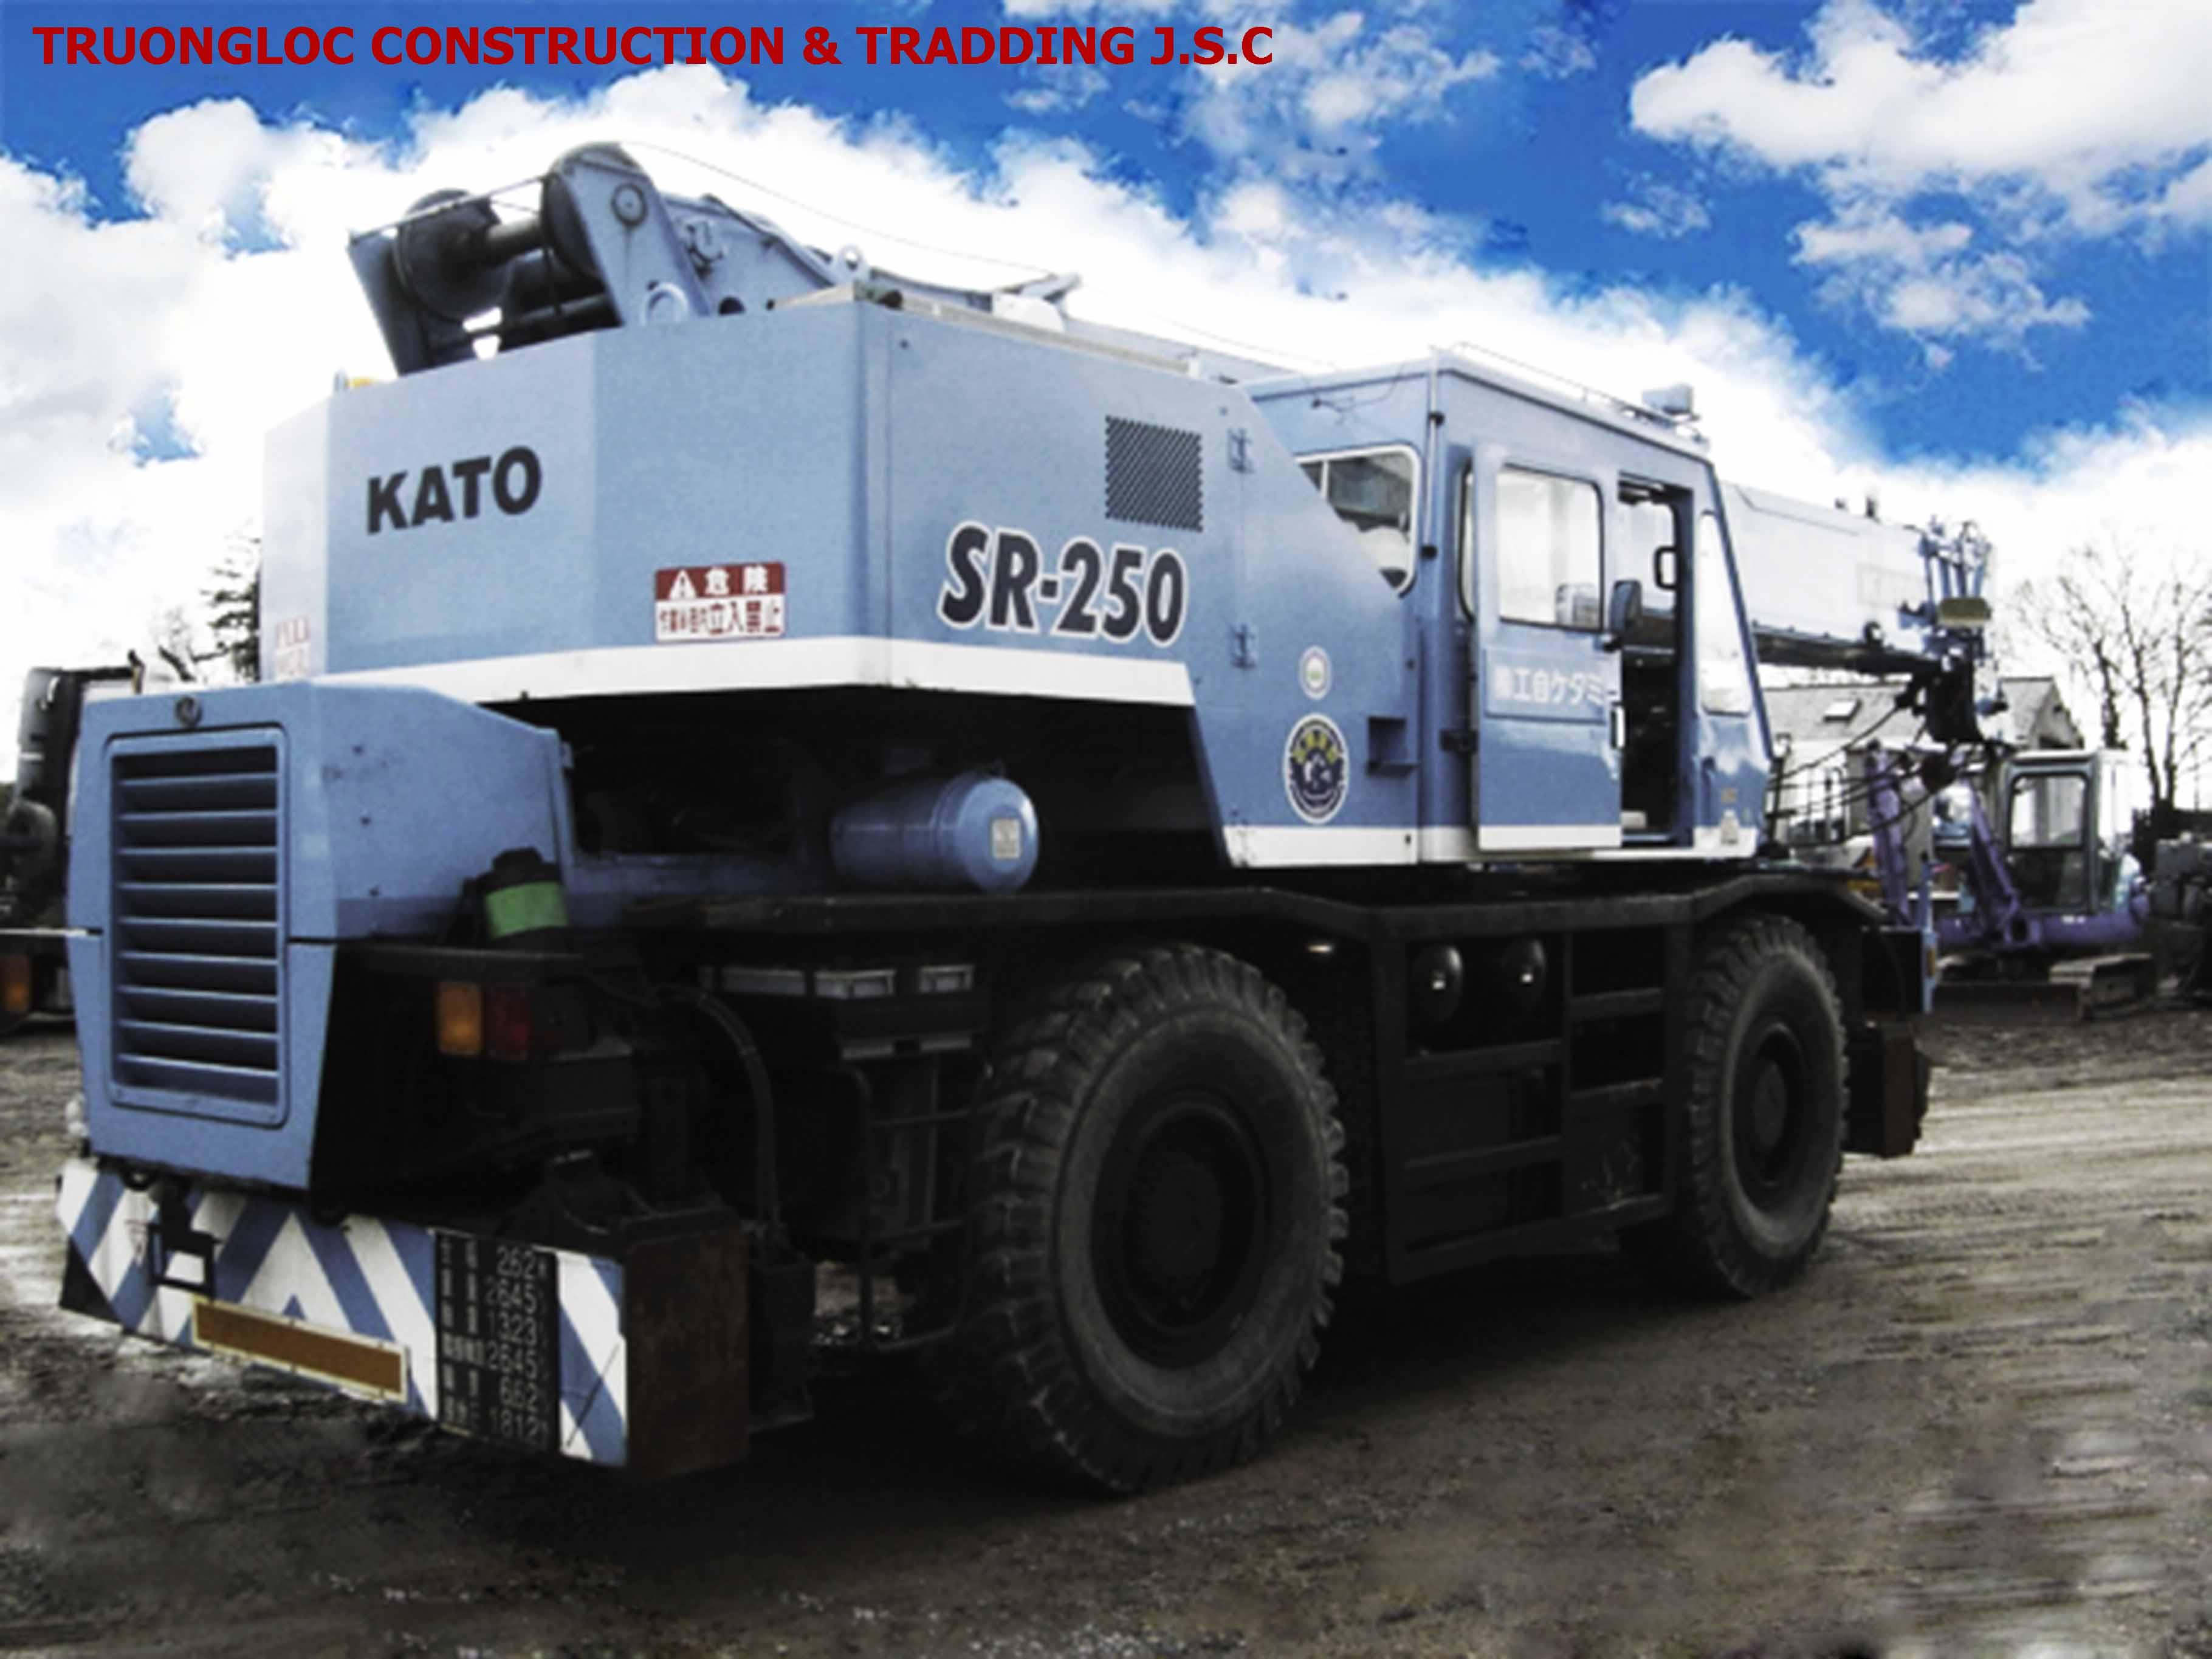 Kato 25-ton truck crane